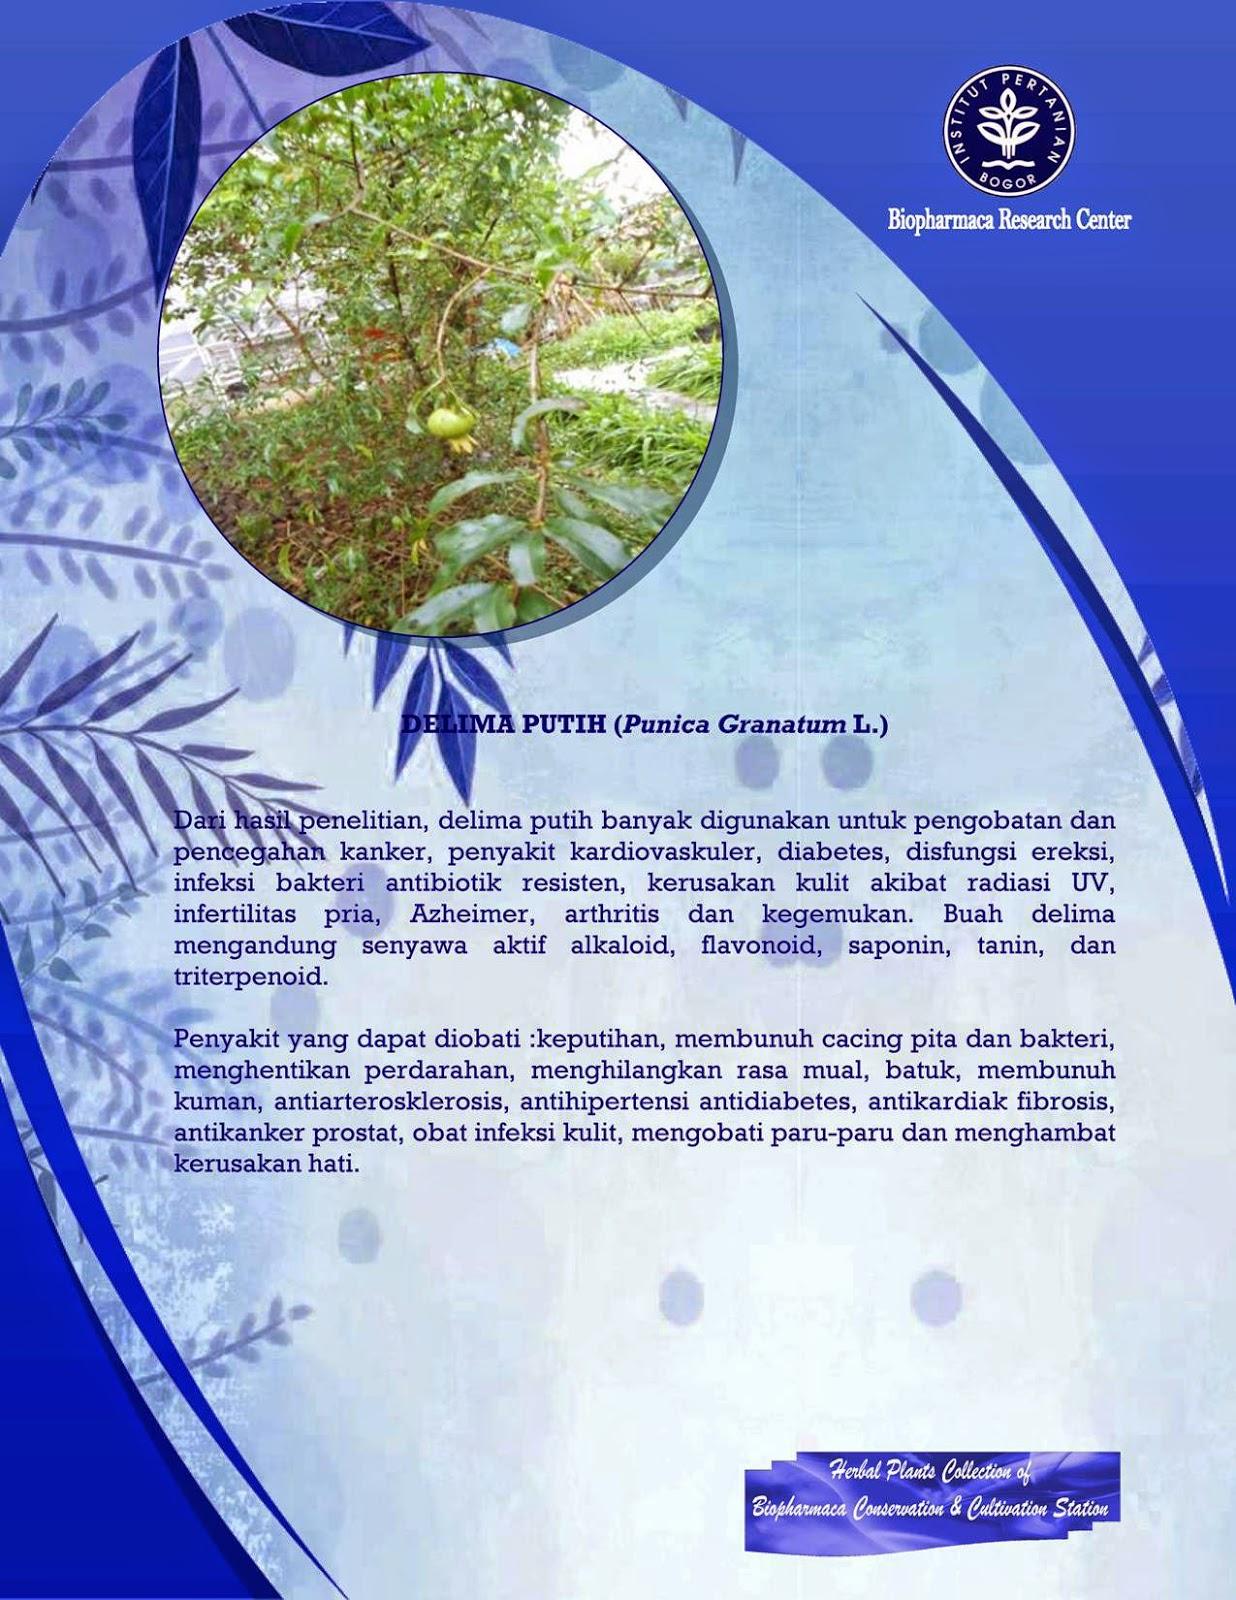 Kualitas dan Keamanan Jamu di Indonesia   Pharmacy Story